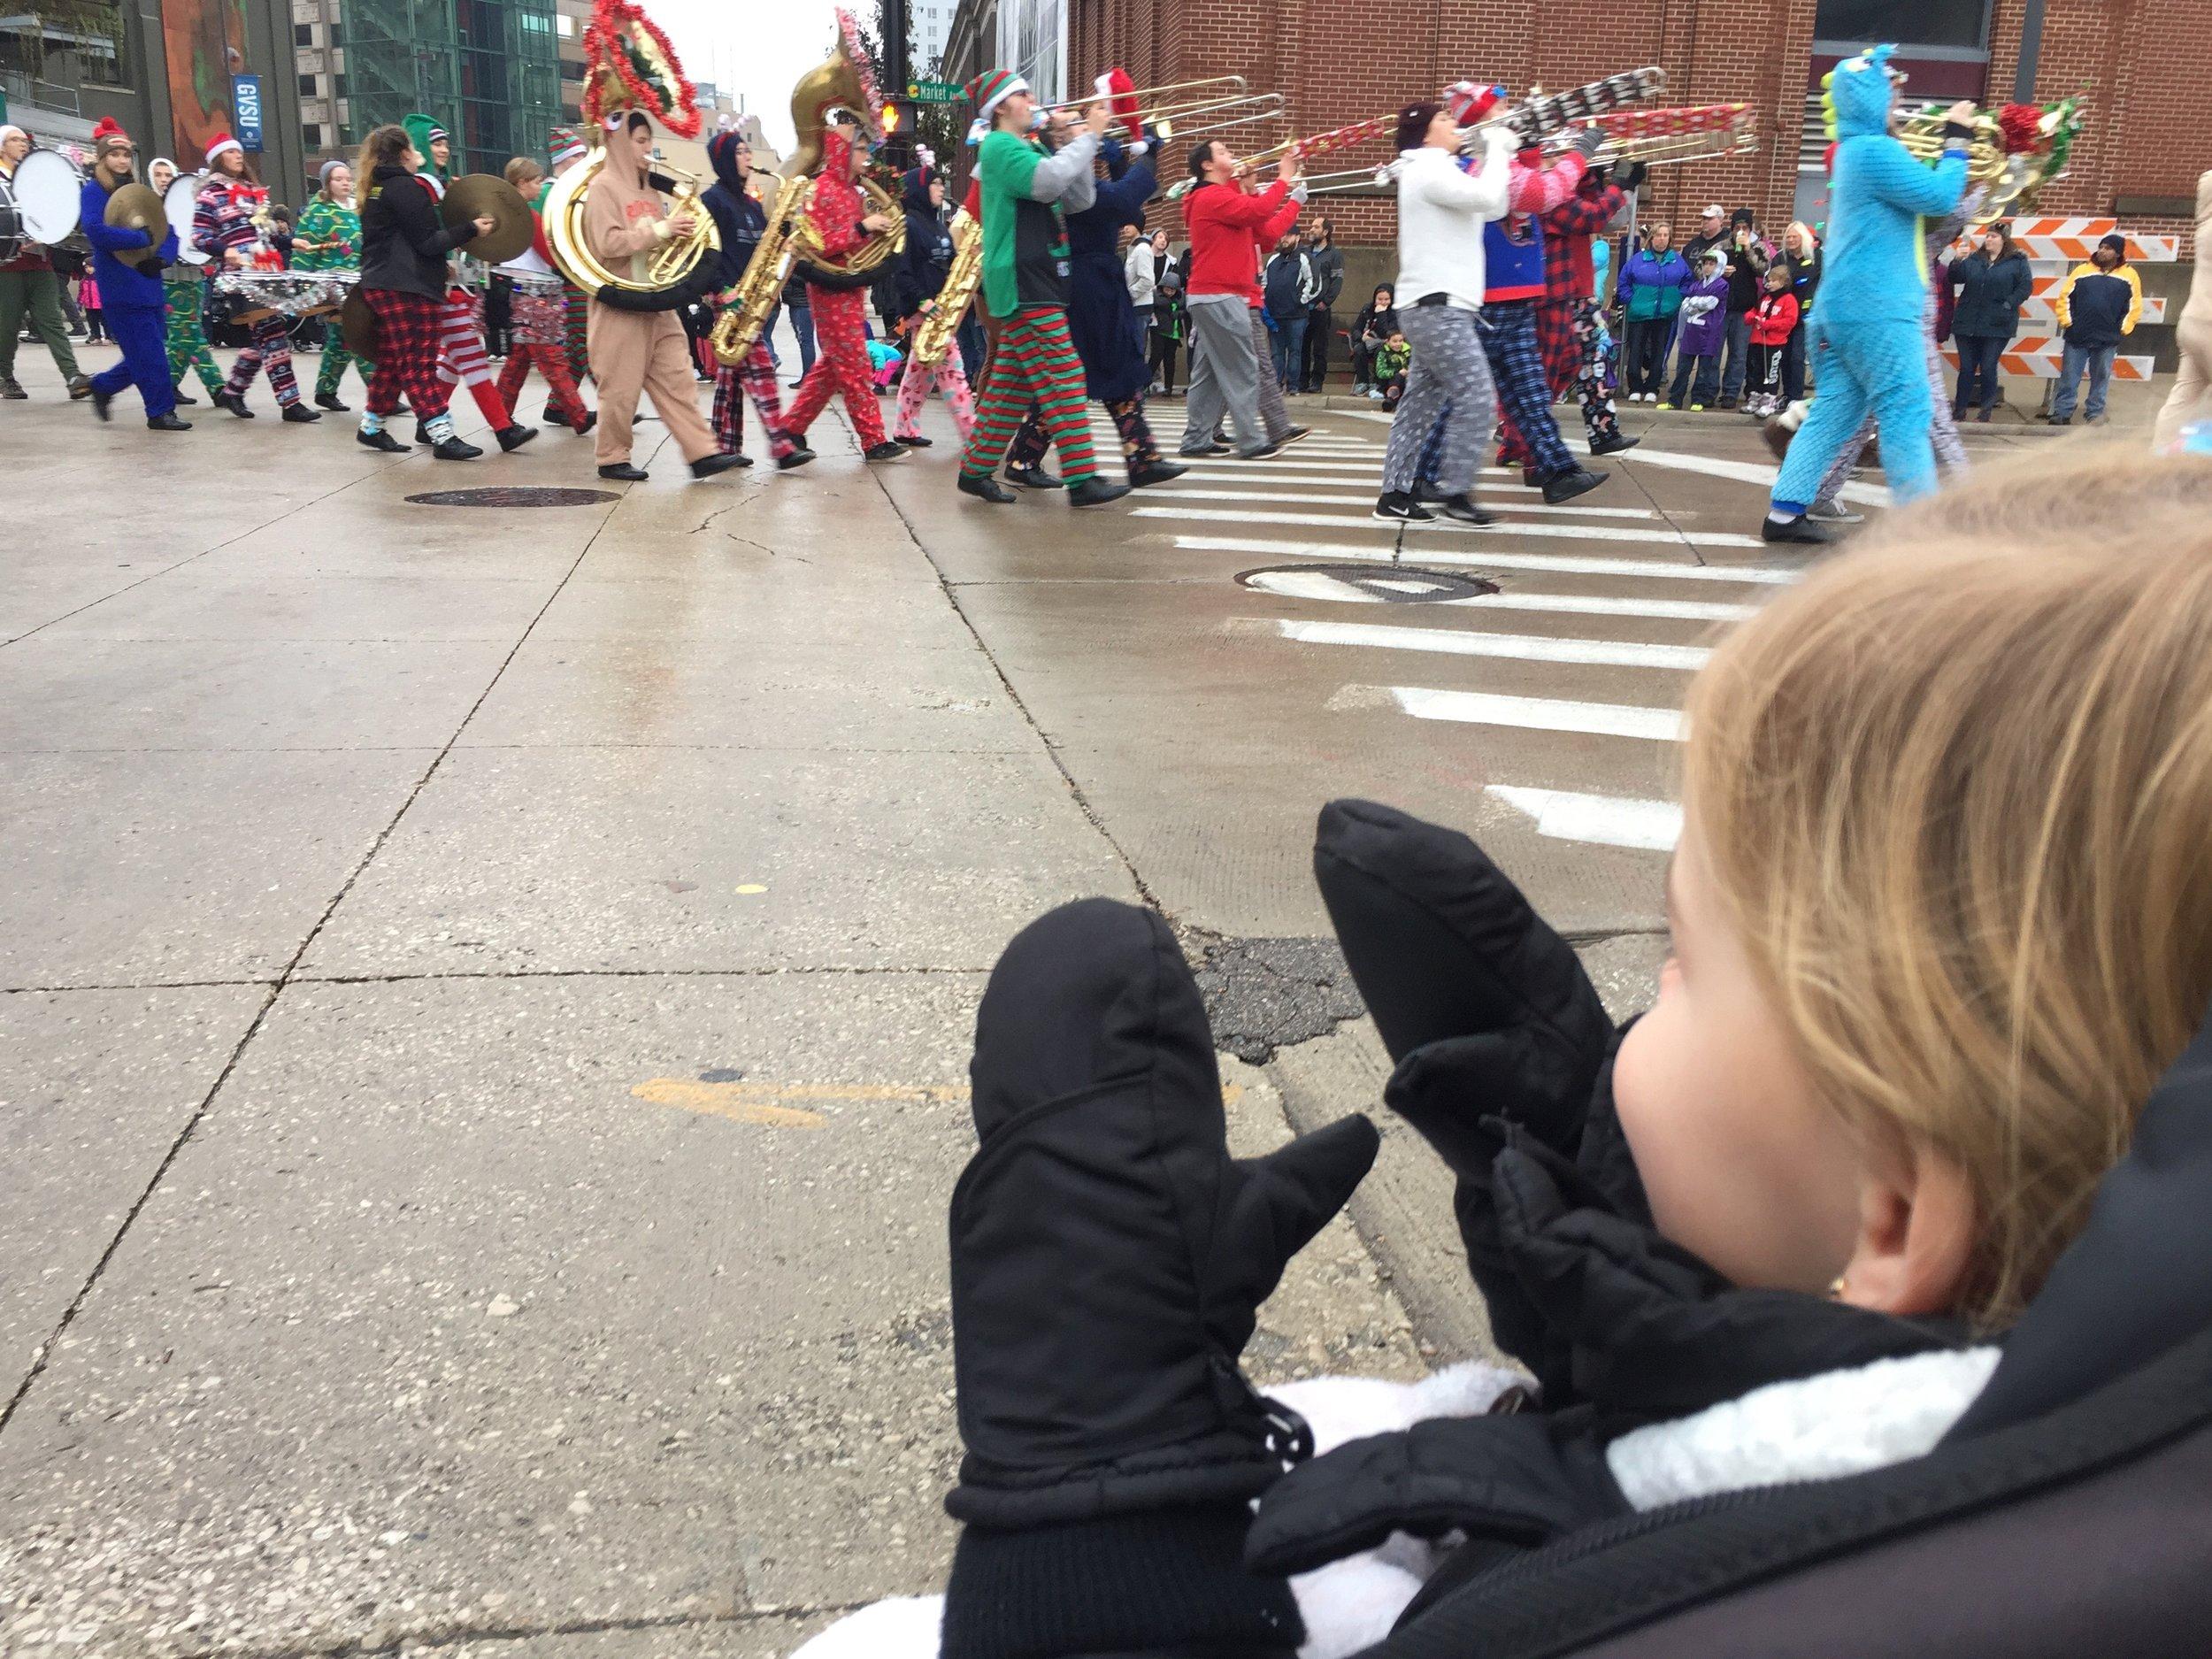 Natalie at the Art Van Santa Parade in downtown Grand Rapids.